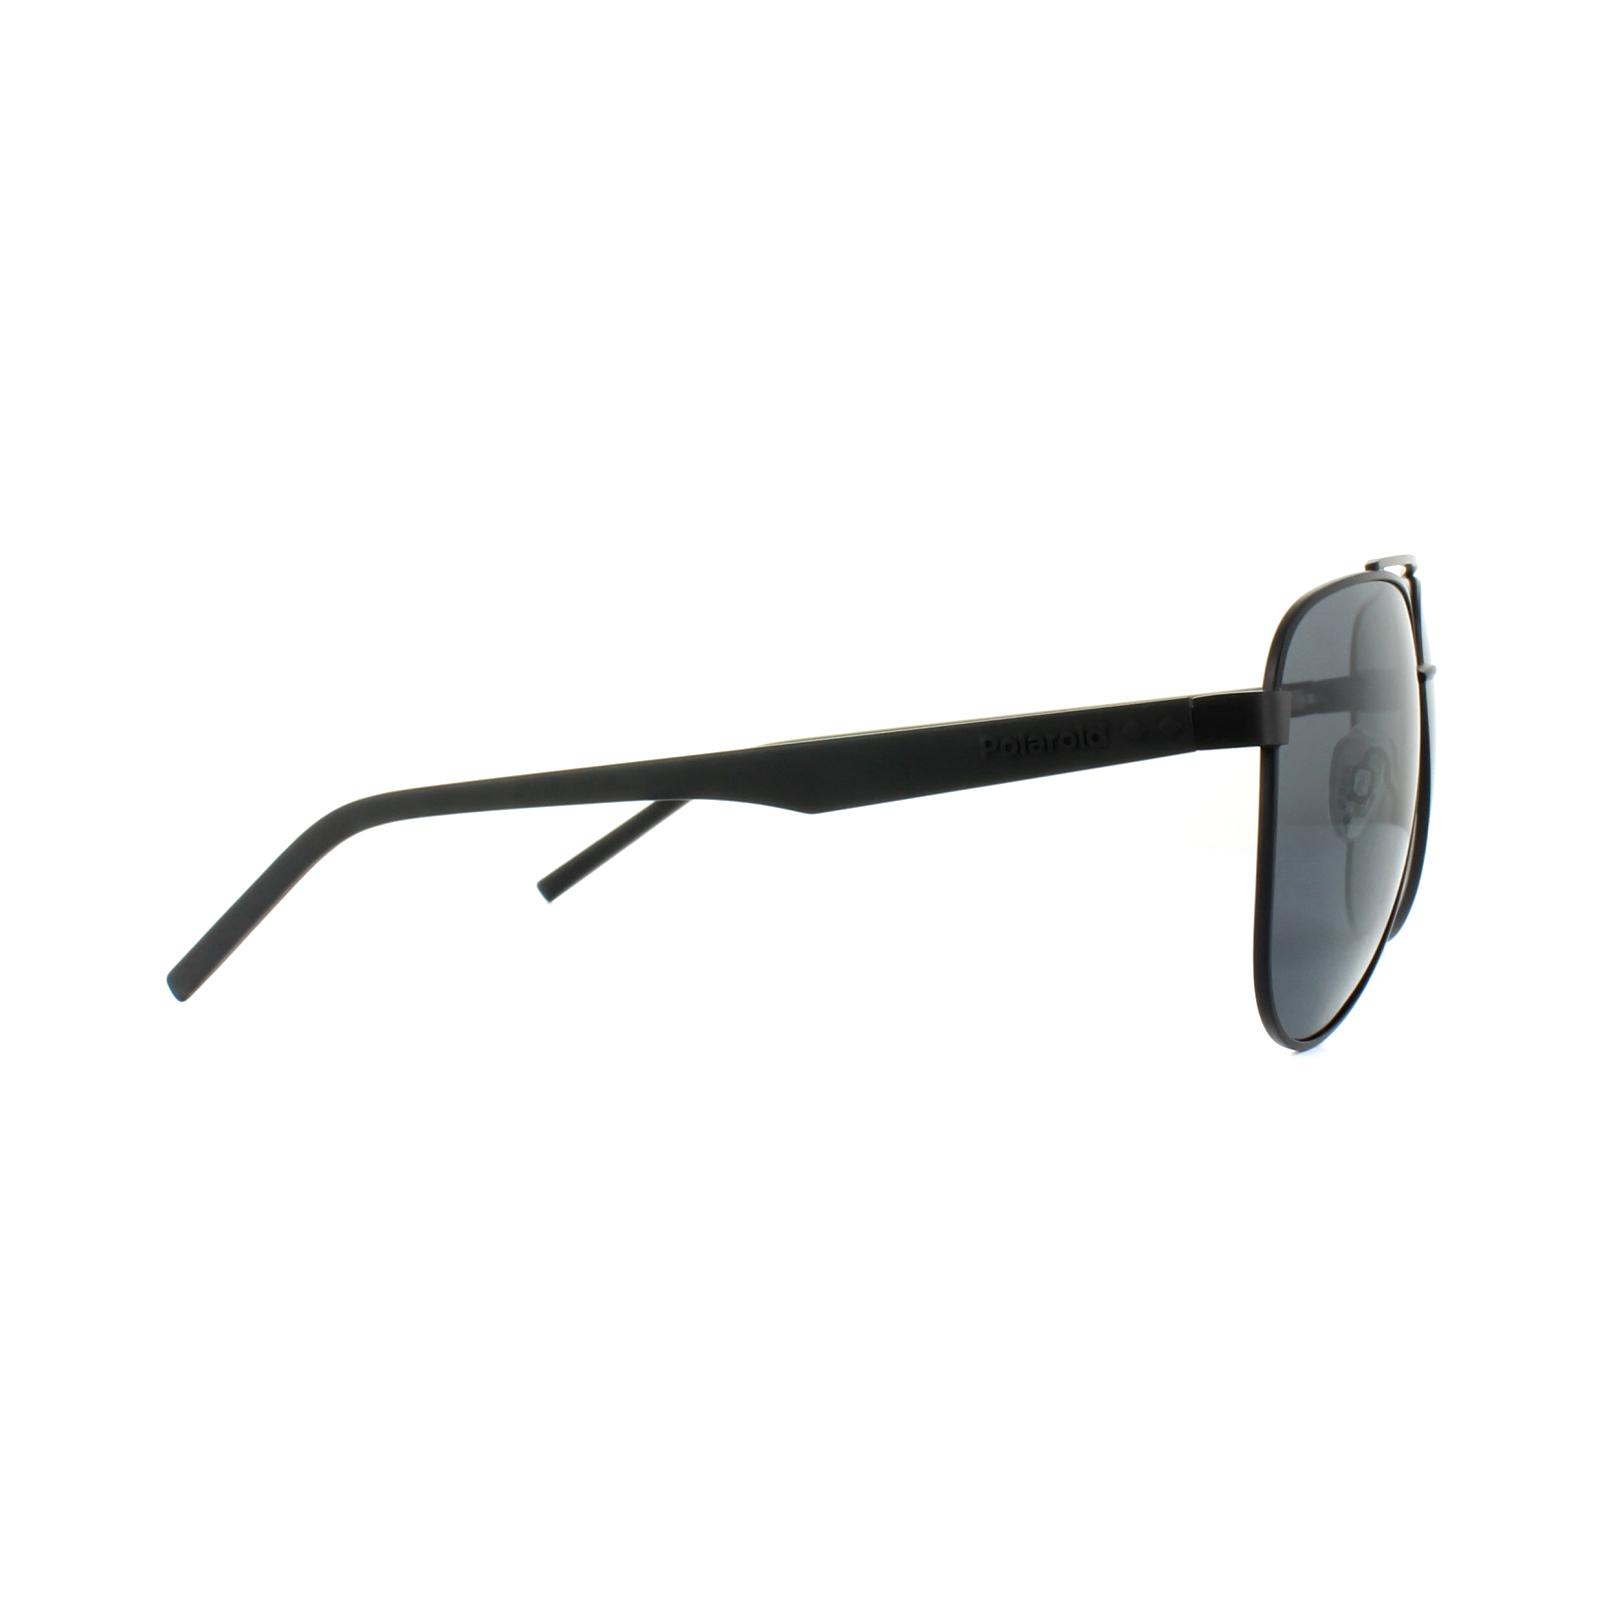 Polaroid Herren Sonnenbrille » PLD 2043/S«, schwarz, 807/M9 - schwarz/grau